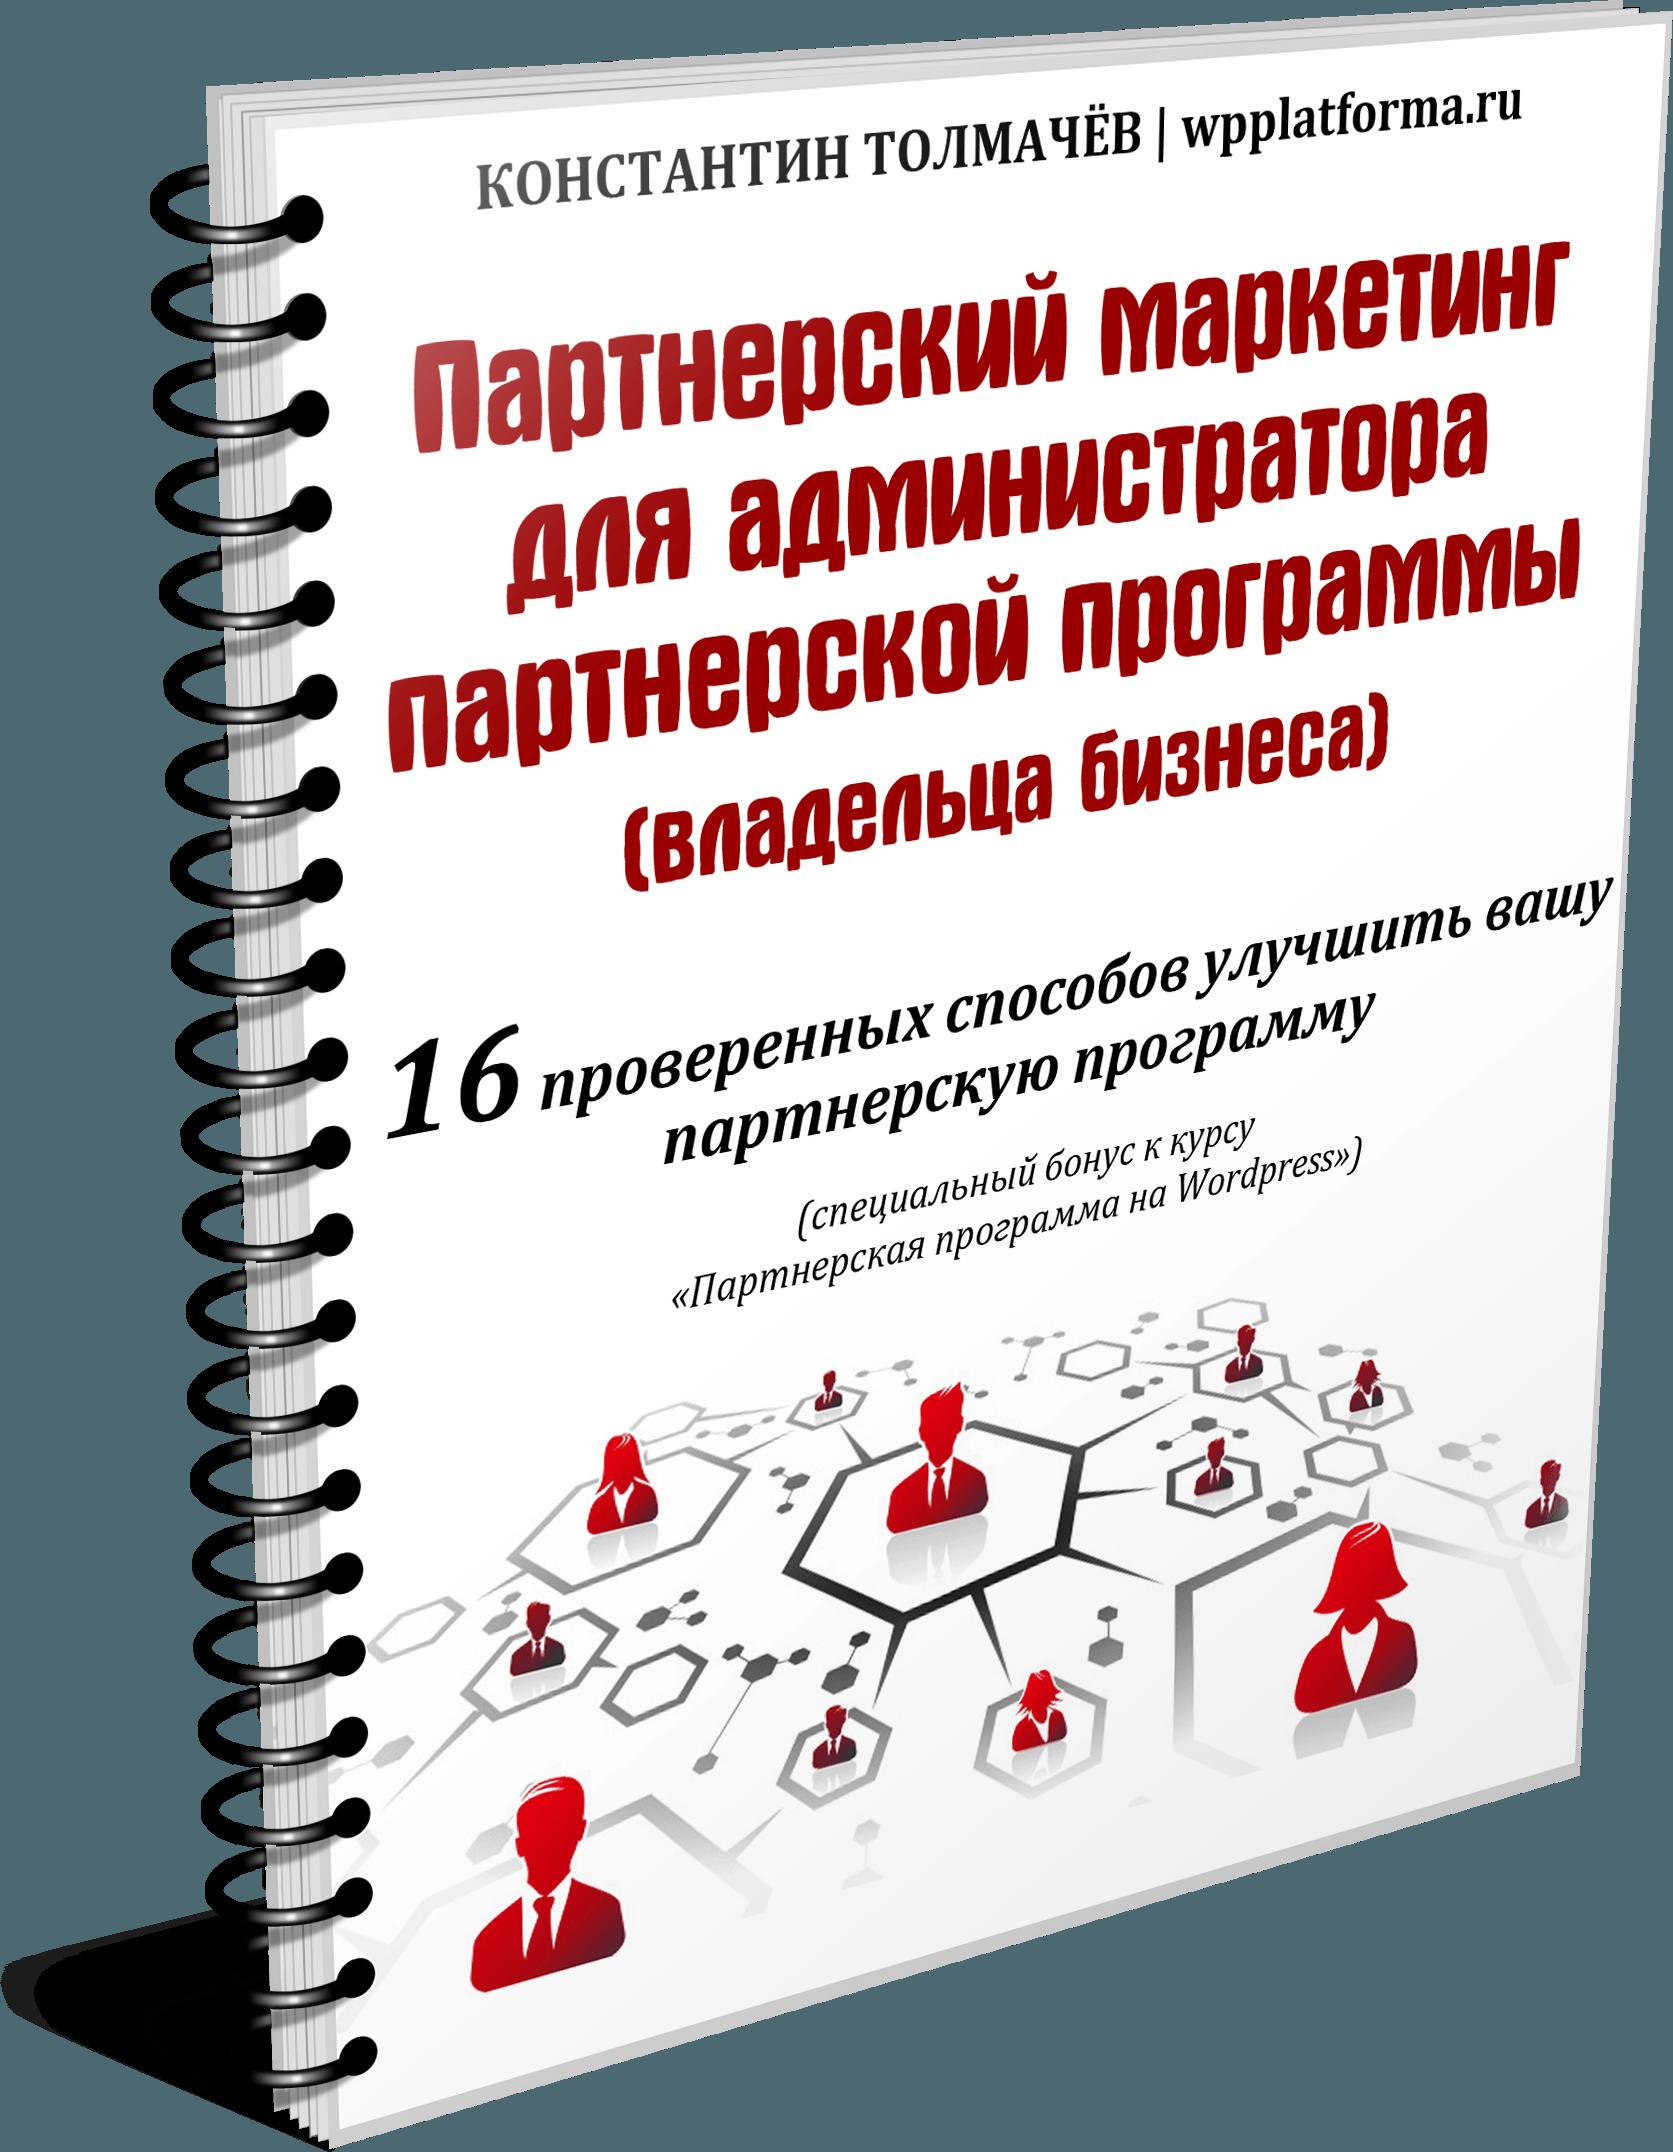 Новости платформы от 14.03.2019